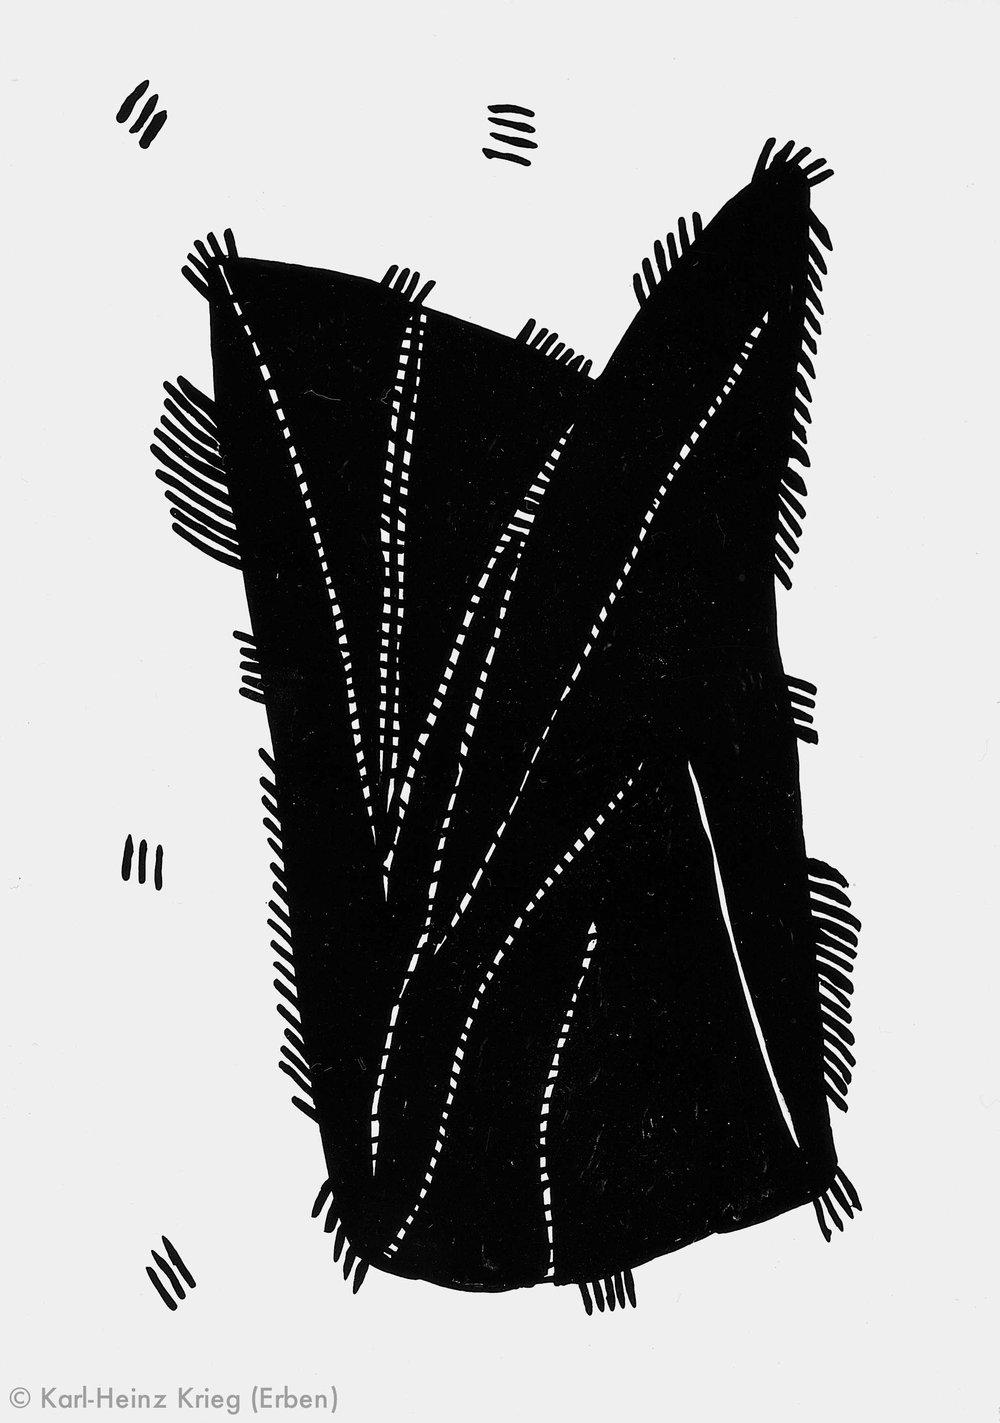 Akoi Zoumanigi Schote, 1996 Acryl/Papier, grundiert 42 x 29,7 cm Werknr. 38-1997/97